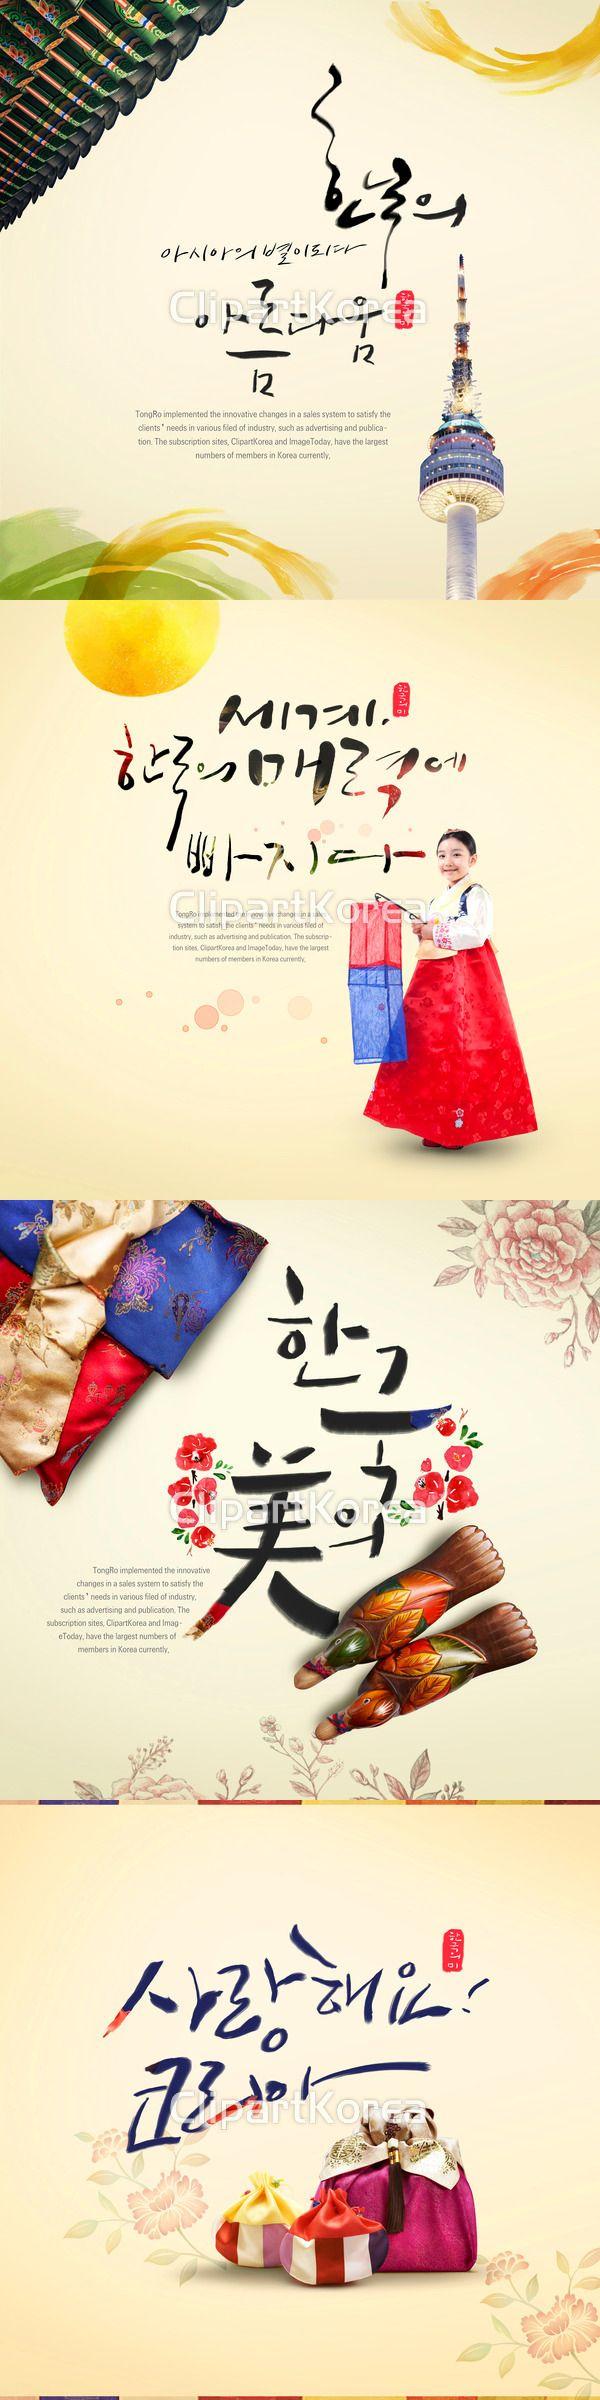 고해상 공예품 꽃 메시지 문자 민속공예품 붓글씨 실크 애국심 오브젝트 캘리그래피 한국 한국전통 한글 합성이미지 High-resolution text message crafts folk crafts calligraphic silk flower object patriotic tradition Calligraphy South Korea Hangul composite image #이미지투데이 #imagetoday #클립아트코리아 #clipartkorea #통로이미지 #tongroimages